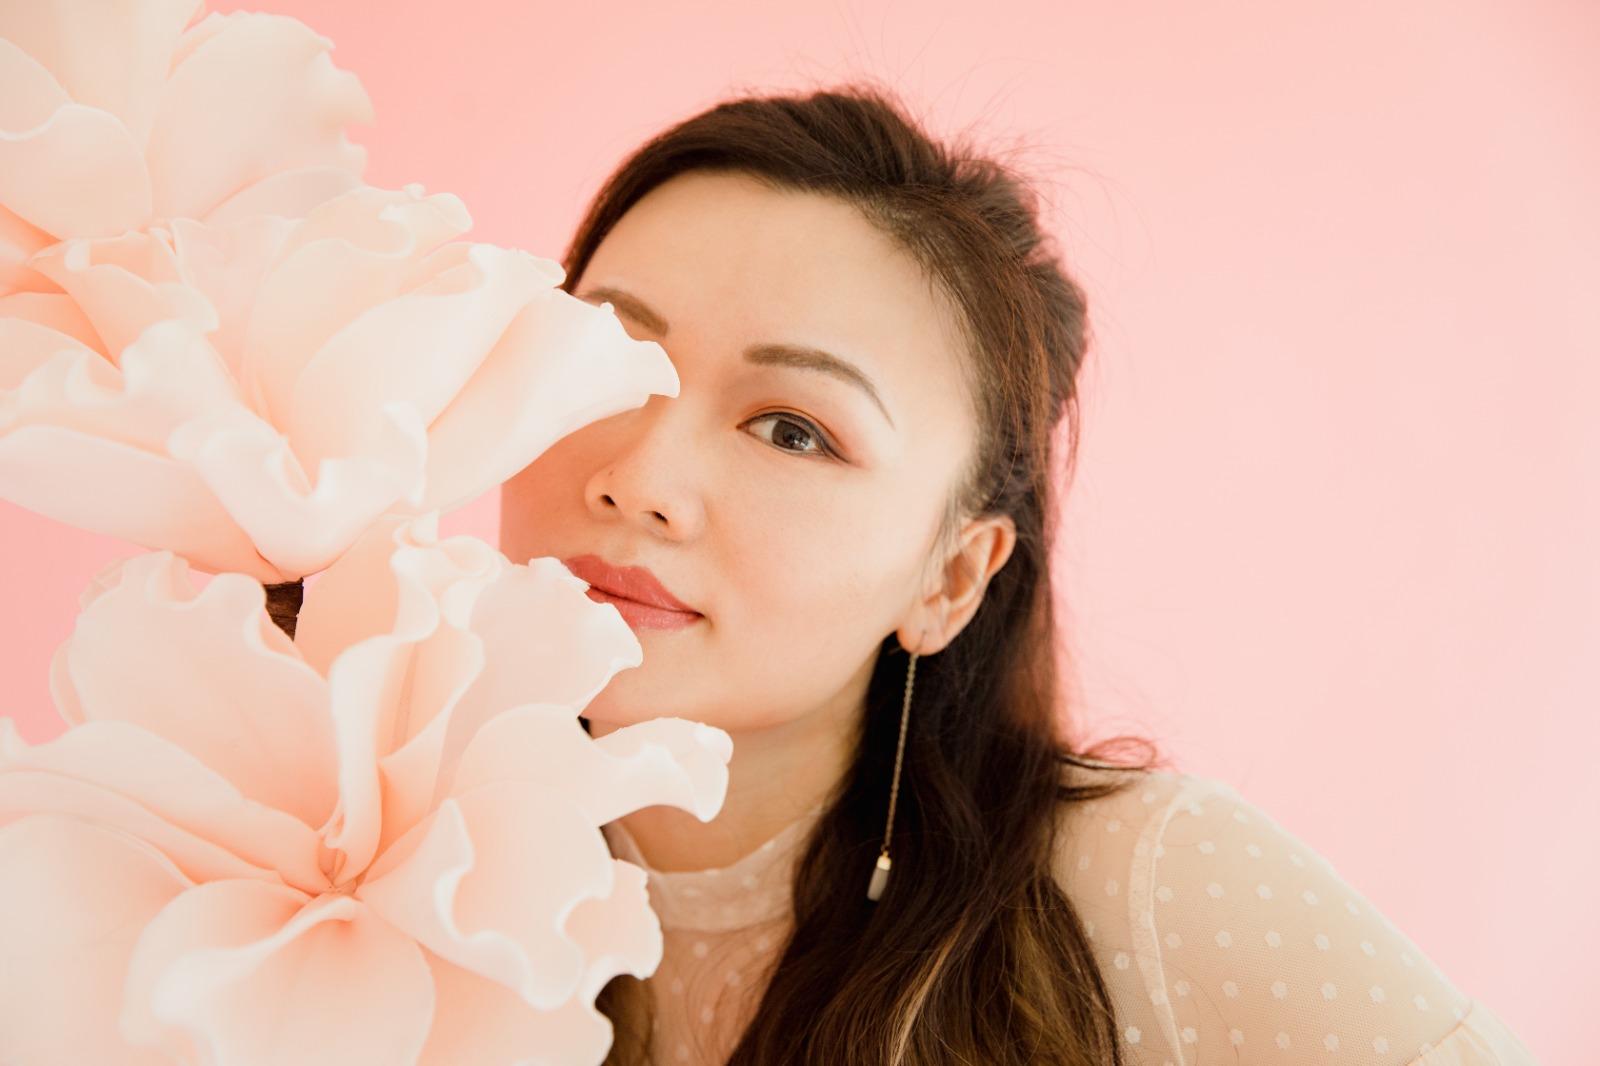 Il settore del beauty su Tmall: marchi e prodotti più apprezzati in Cina